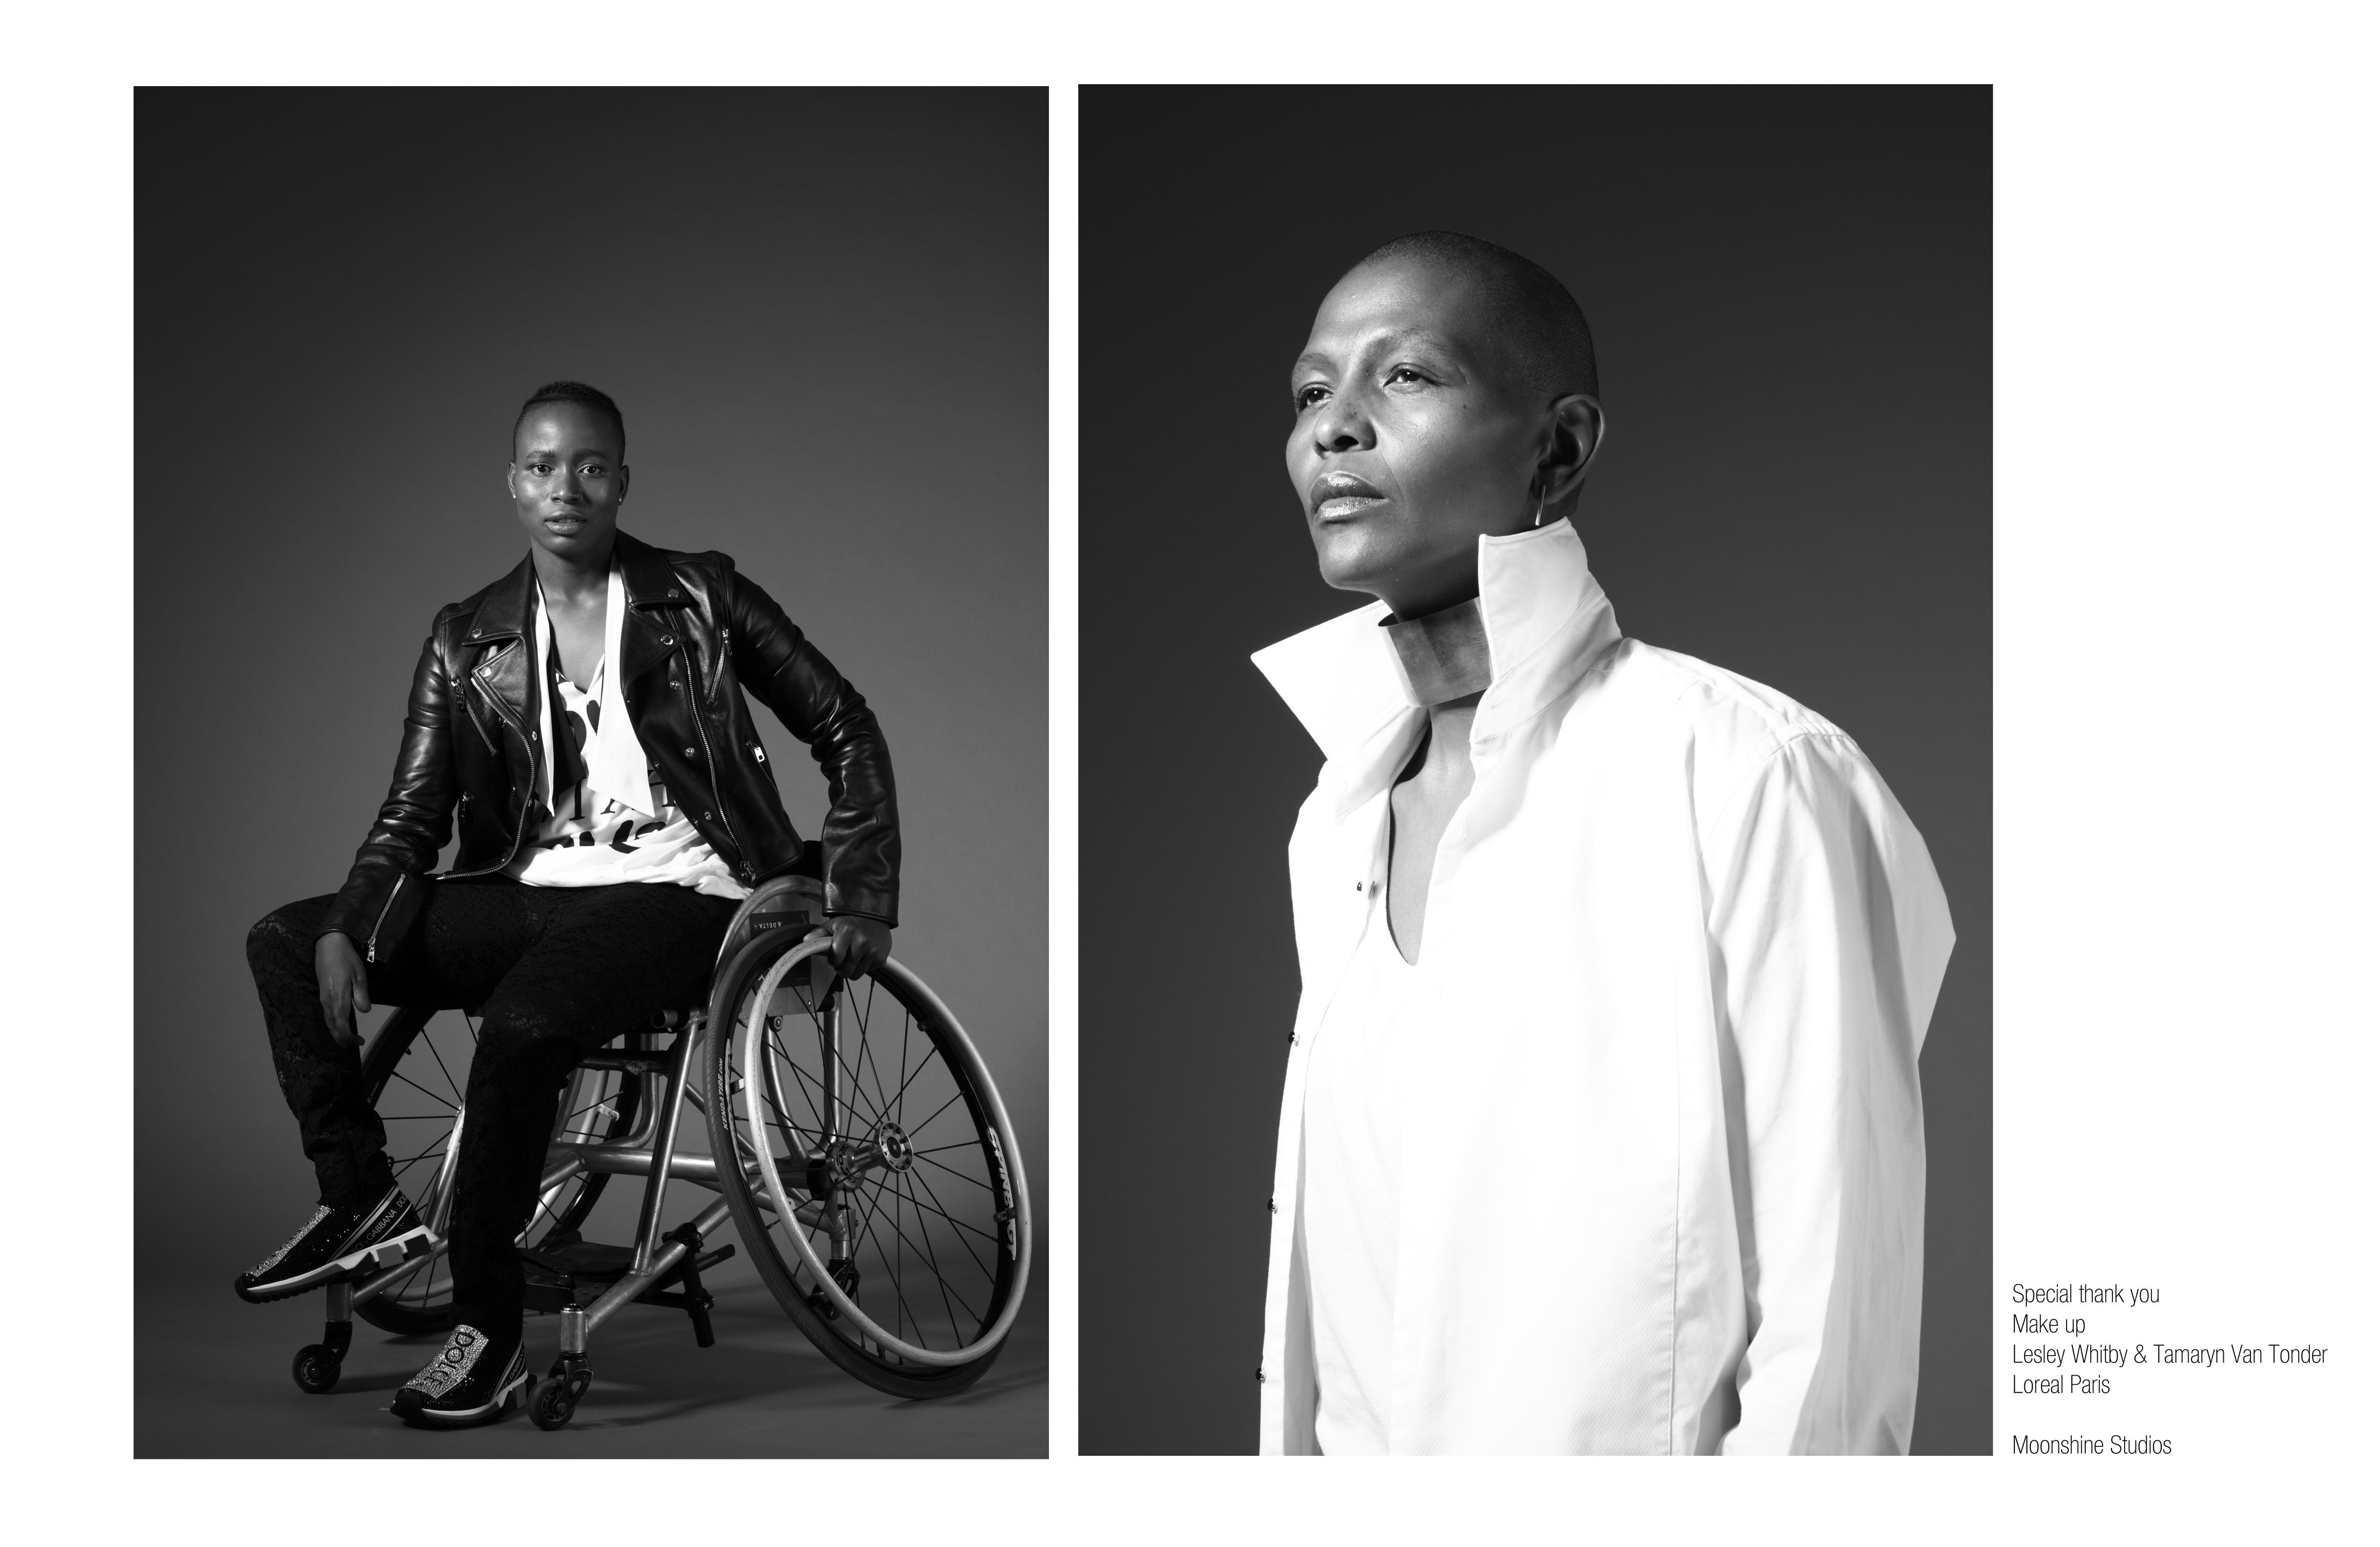 Kgothatso Montjane & Thokozani Ndaba